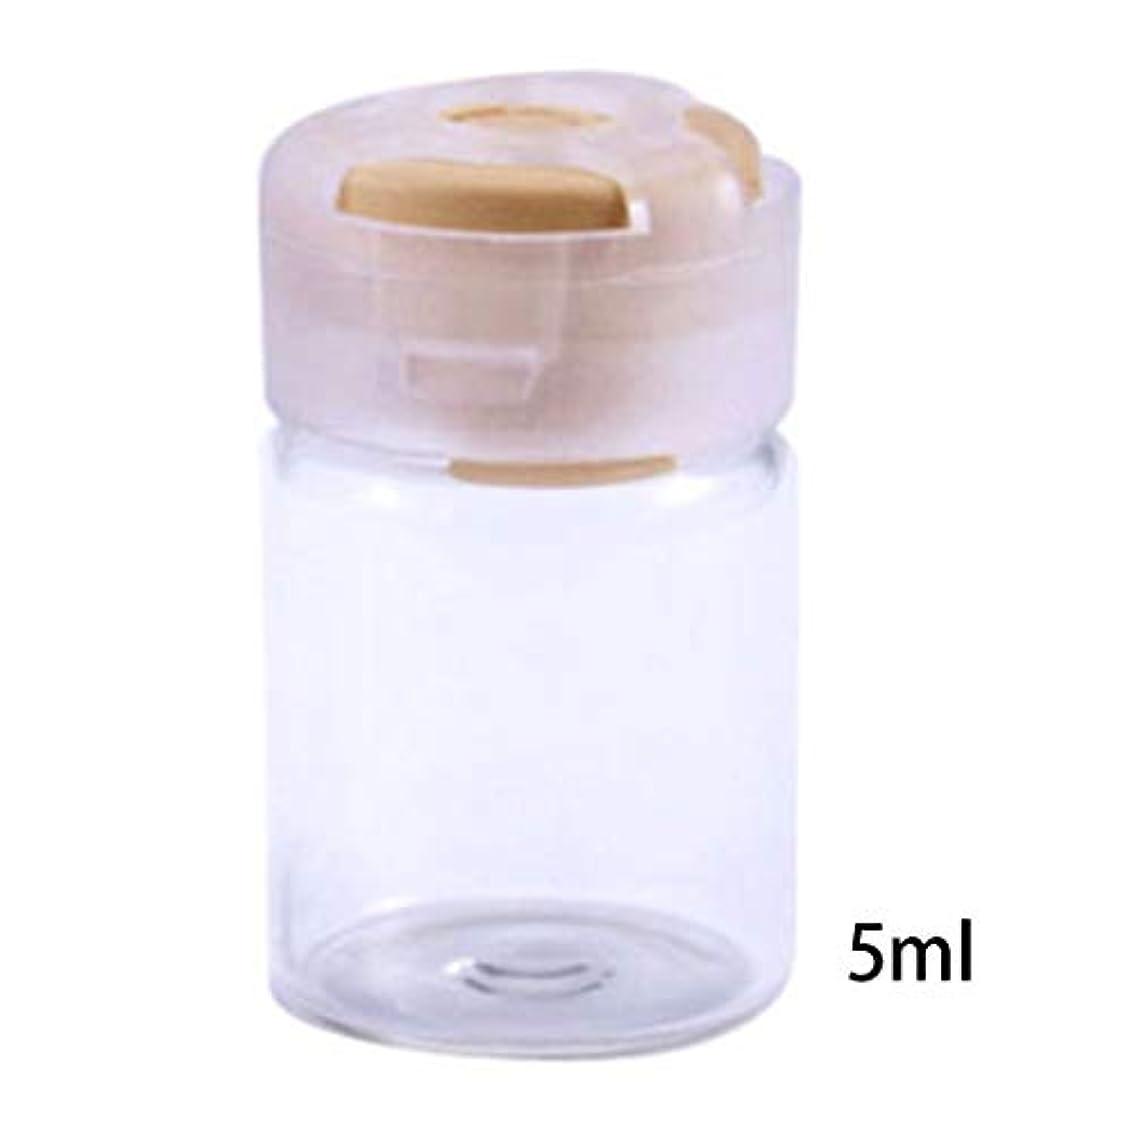 娘かき混ぜる実際Dabixx 5ミリリットル甘いキャンディーカラーフタ空瓶密封滅菌血清クリアガラスバイアル付きゴム栓エッセンシャルオイルコンテナ - 黄